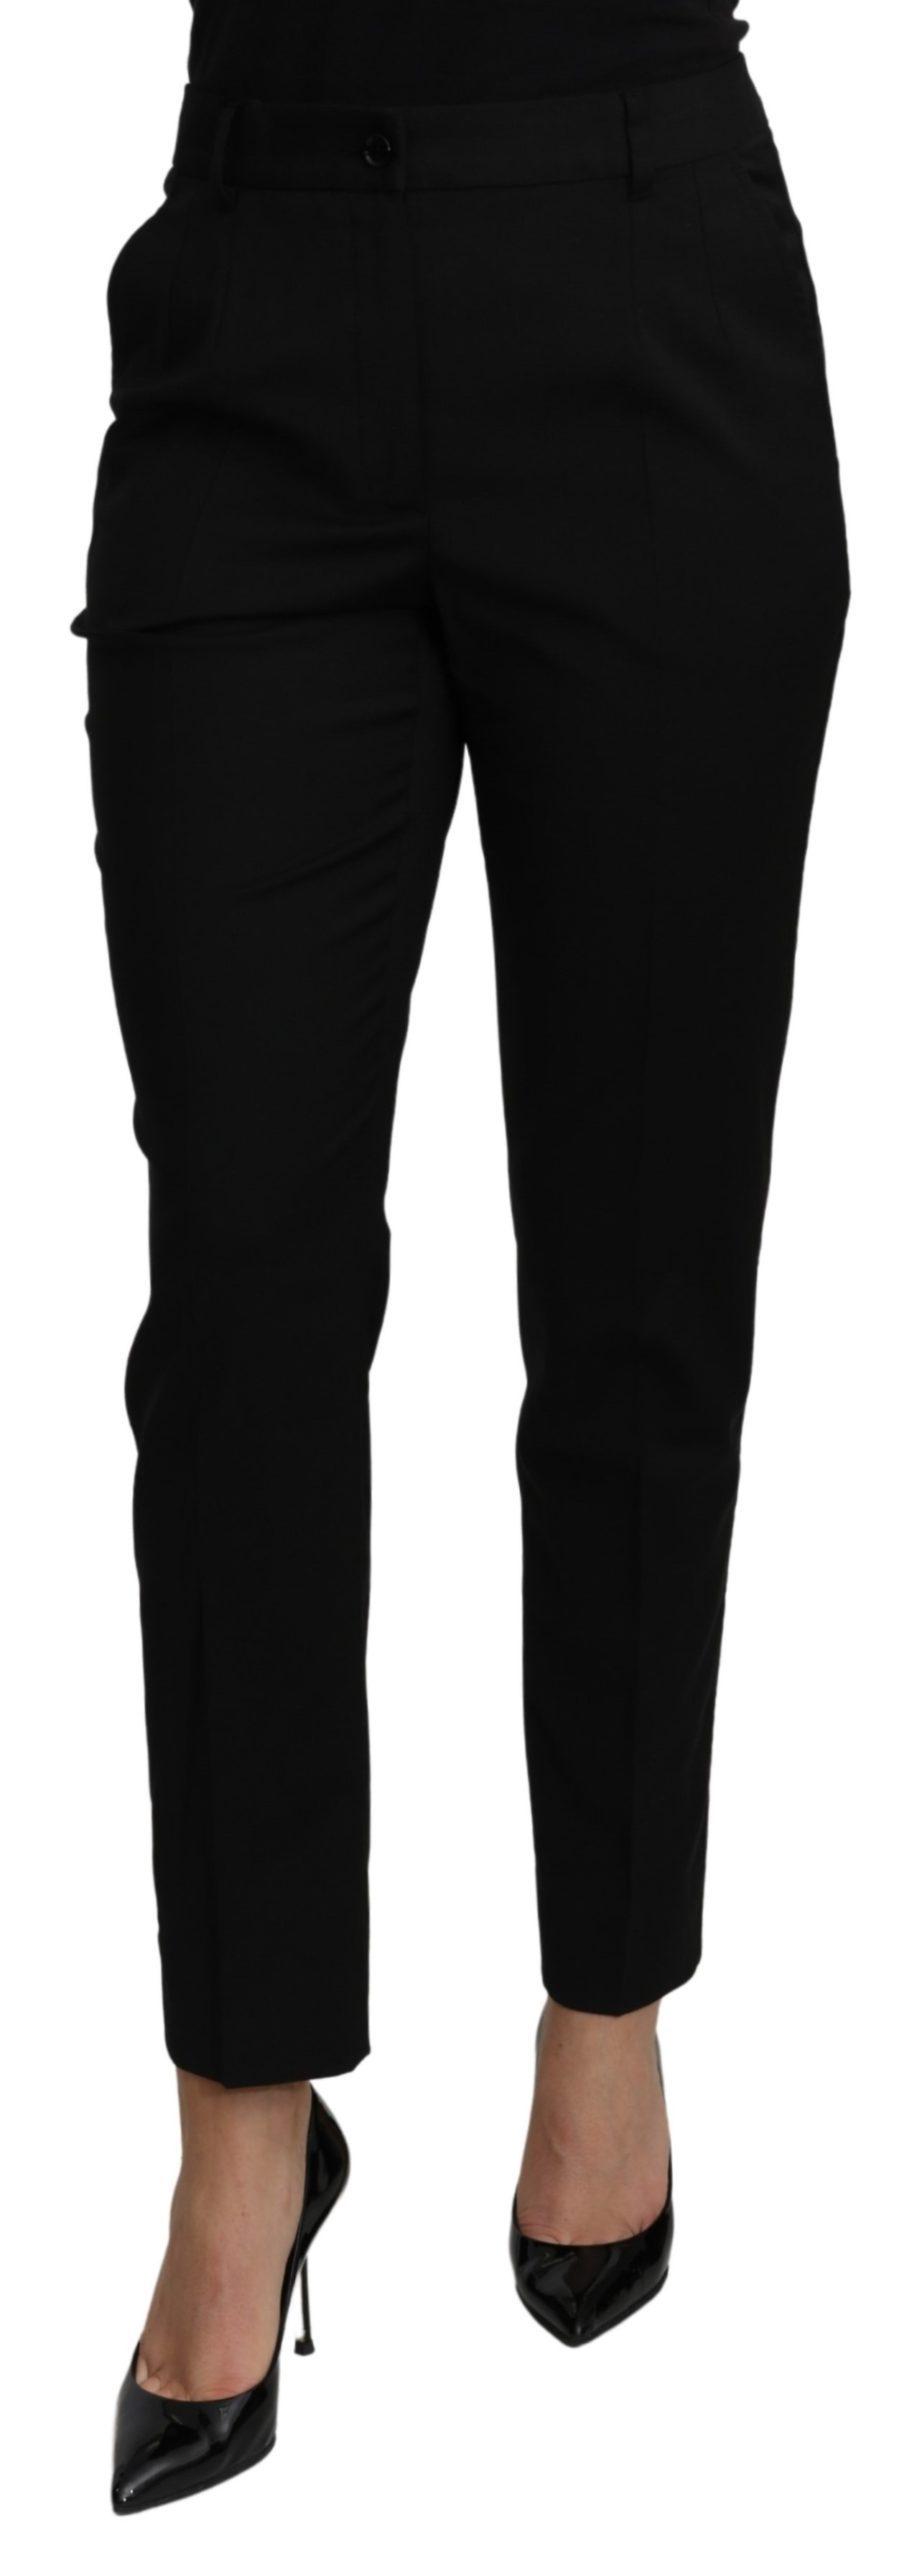 Dolce & Gabbana Women's Tapered High Waist Dress Trouser Black PAN70973 - IT44|L